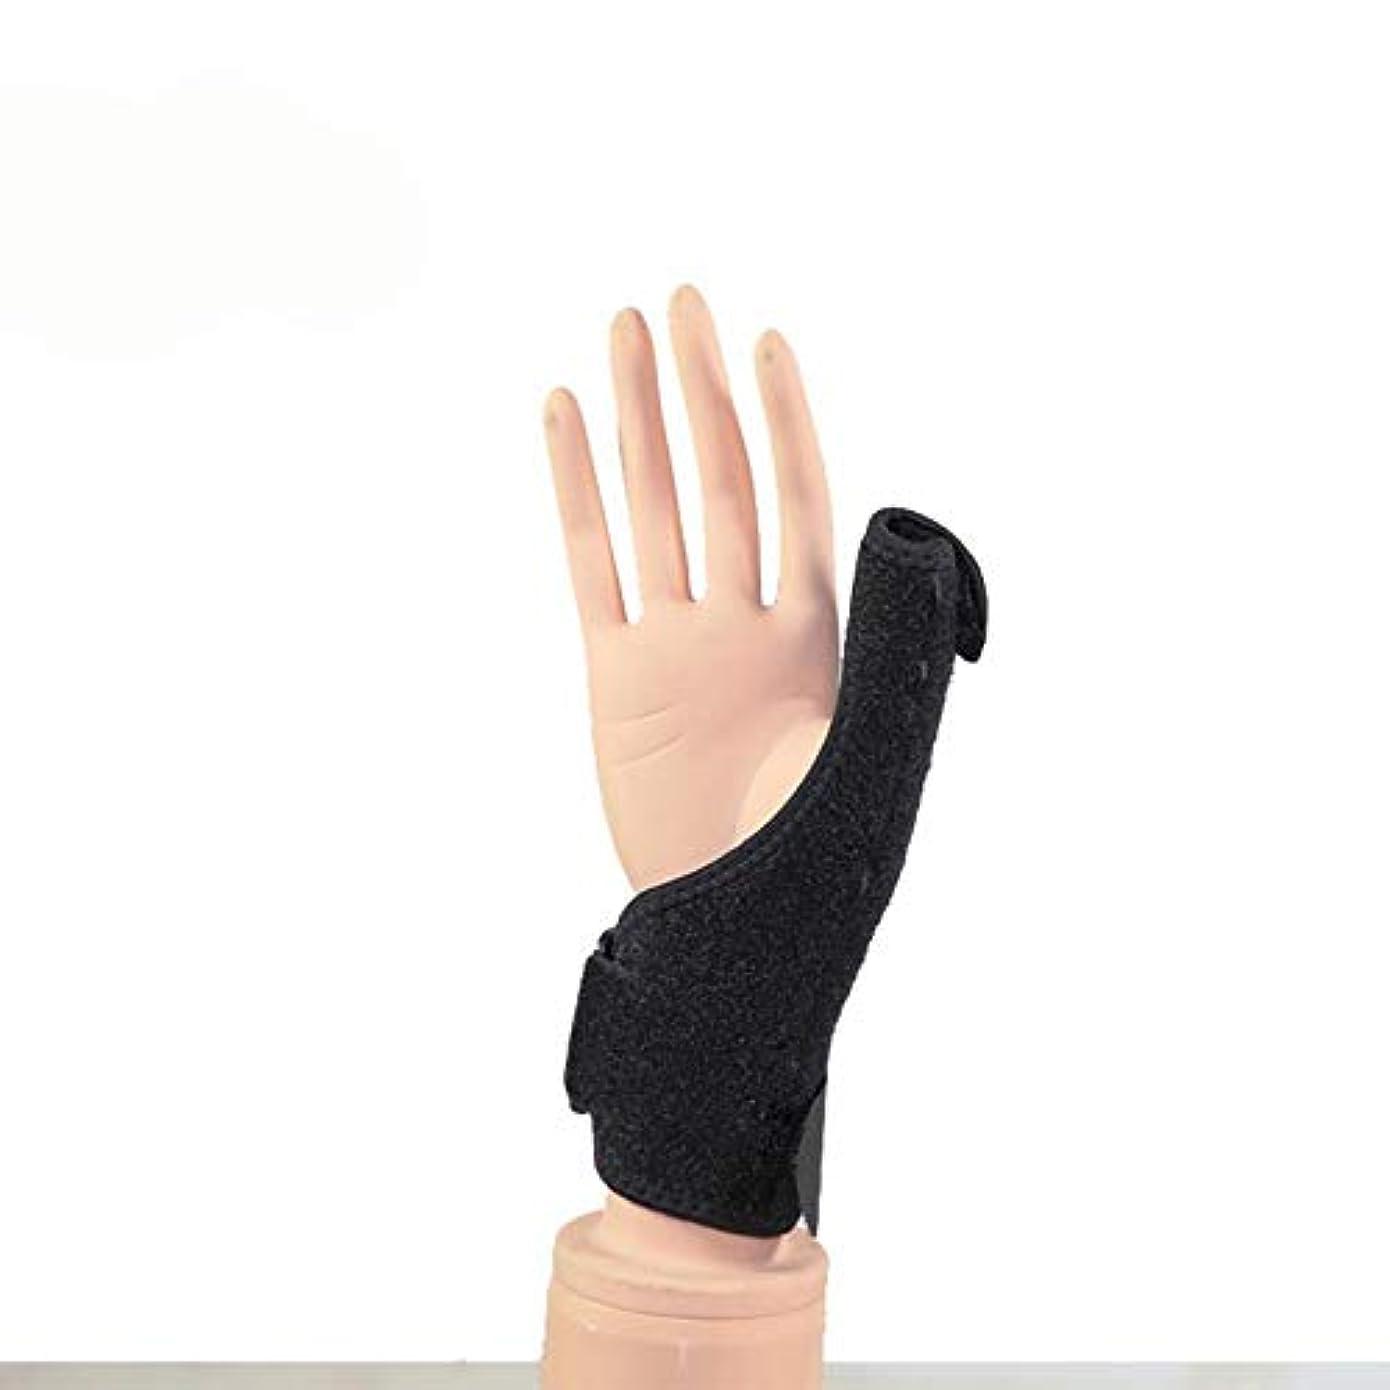 へこみ条約差し引くZYL-YL 手首のプロテクターの親指の腱鞘ケア固定されたブラケット指先リストバンド外部保護 (Edition : Right)